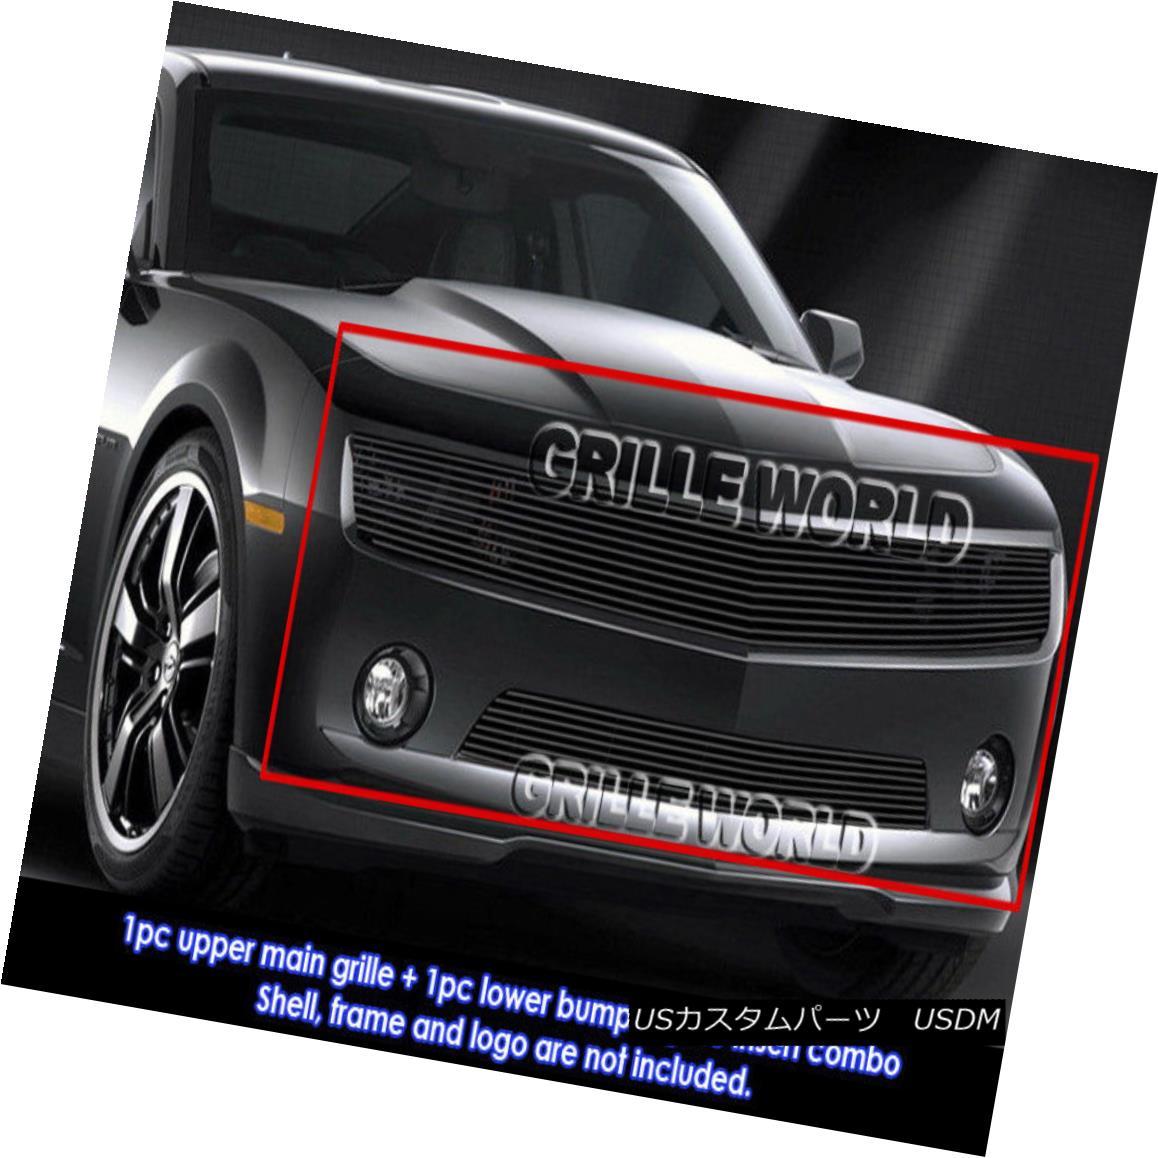 グリル 2010-2013 Chevy Camaro LT/LS V6 Phantom Black Billet Grille Grill Combo Insert 2010-2013シボレーカマロLT / LS V6ファントムブラックビレットグリルグリルコンボインサート